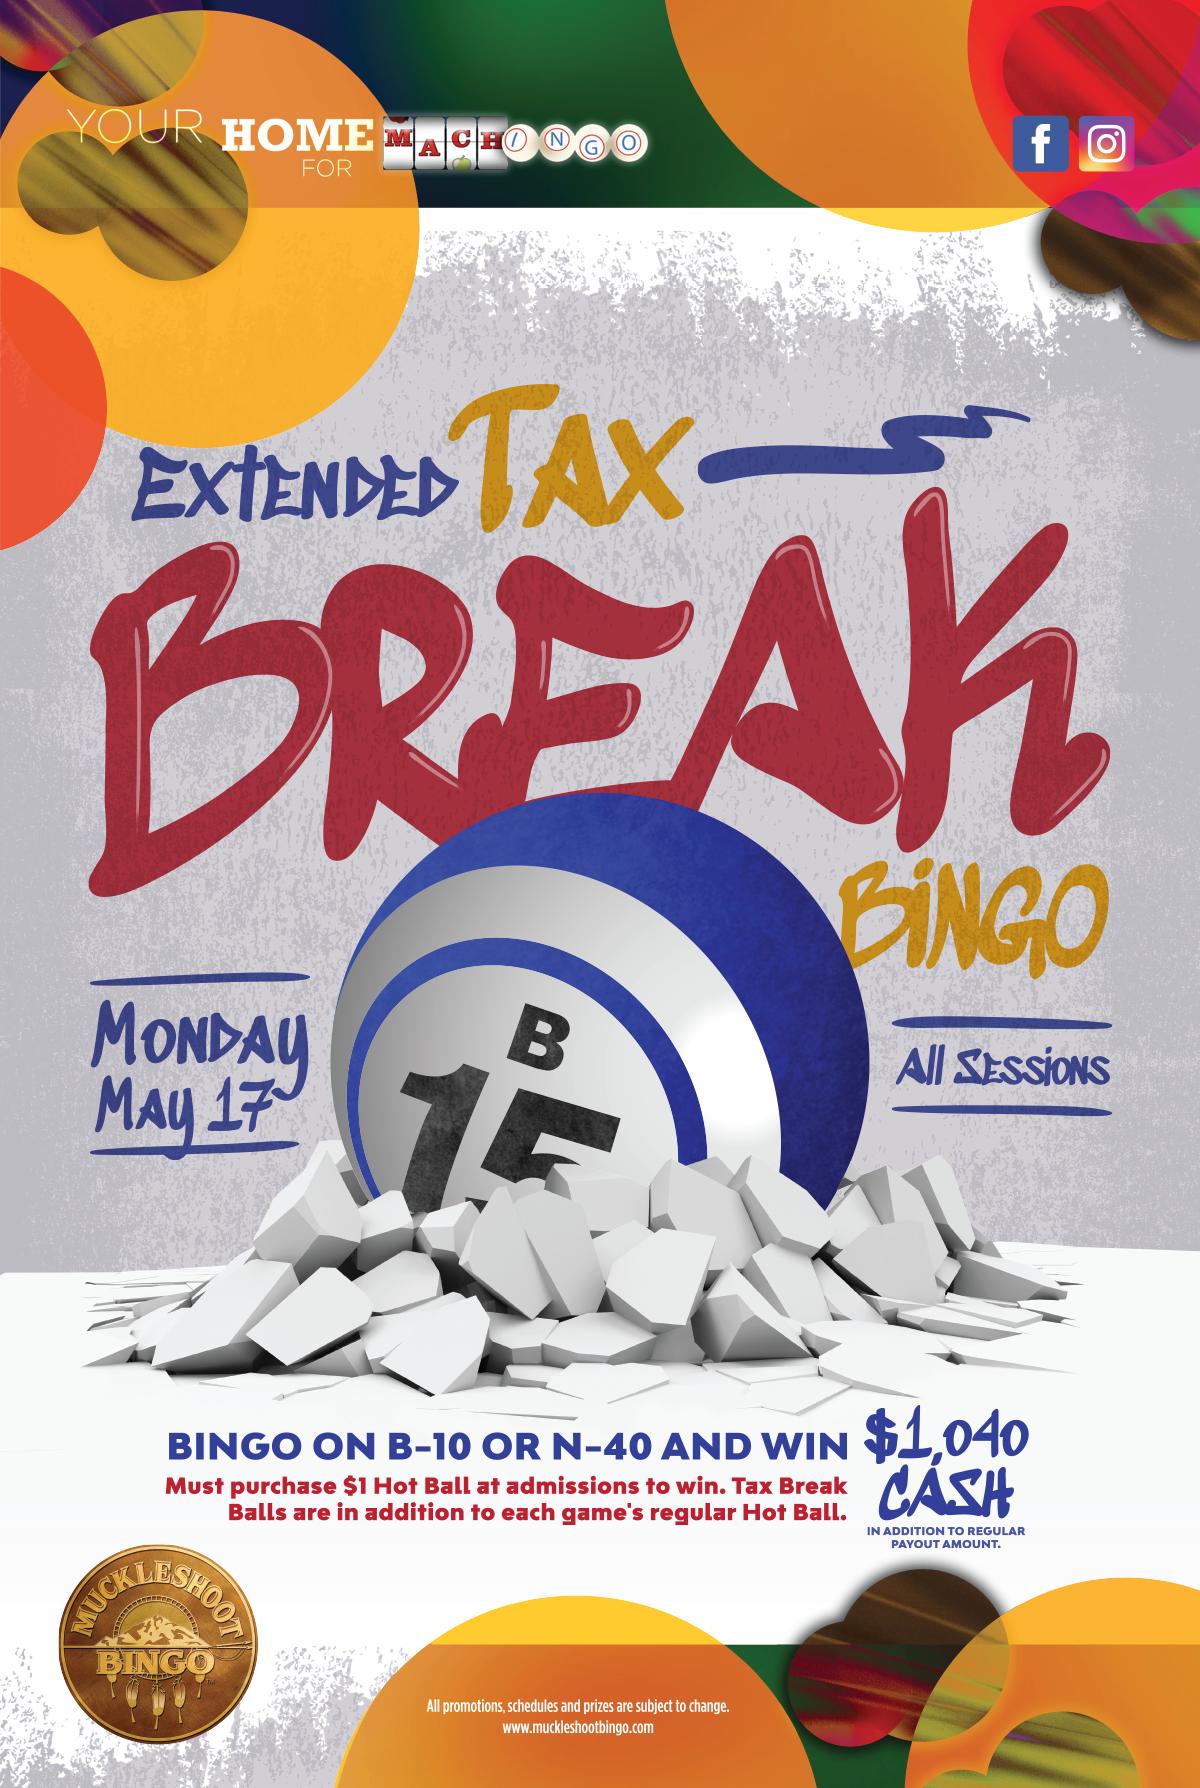 EXTENDED Tax Break Bingo